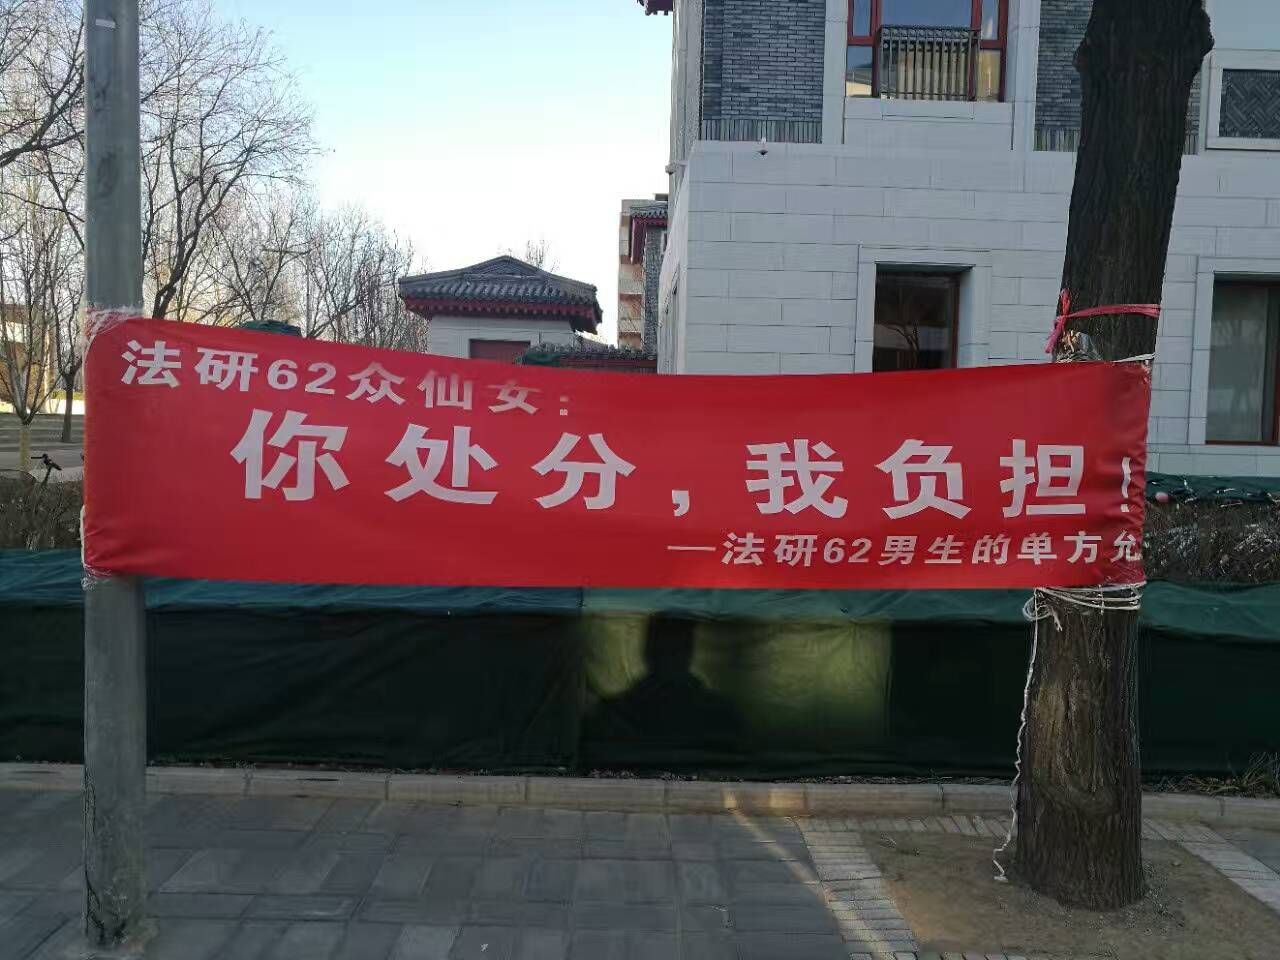 清华大学女生节,男生们的深度亮了:被尔个性套带女生网名标语符图片